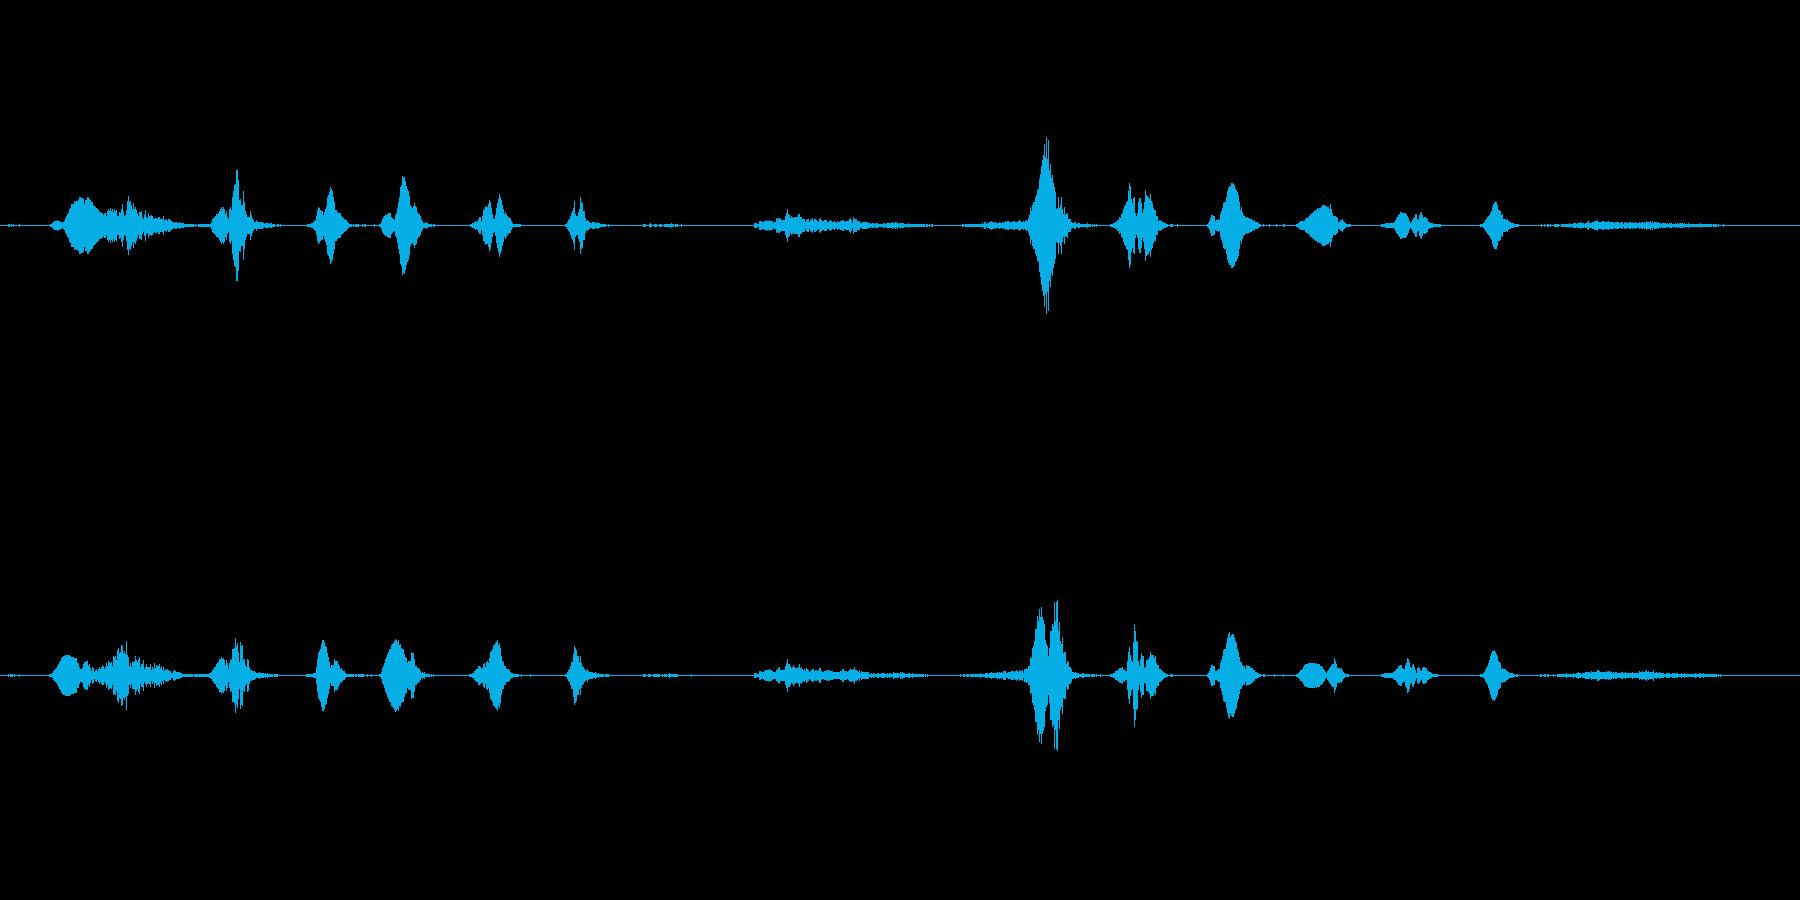 ドゥフッフッフッフ・・フヒッヒッヒ・・・の再生済みの波形